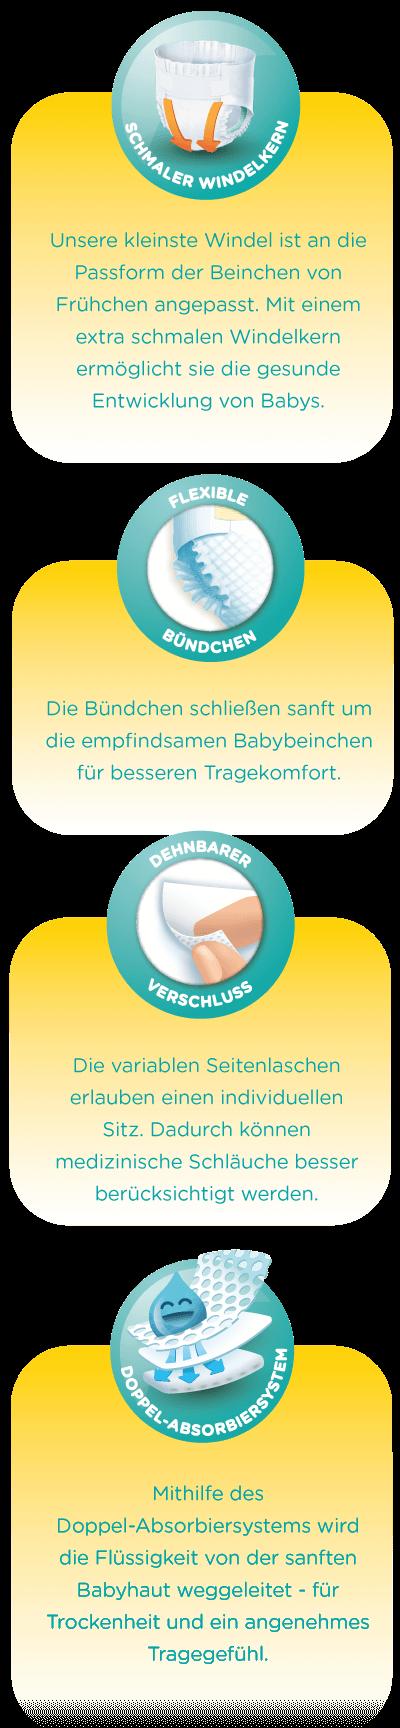 Schmaler Windelkern: Unsere kleinste Windel ist an die Passform der Beinchen von Frühchen angepasst. Mit einem extra schmalen Windelkern ermöglicht sie die gesunde Entwicklung von Babys. – Flexible Bündchen: Die Bündchen schließen sanft um die empfindsamen Babybeinchen für besseren Tragekomfort. – Dehnbarer Verschluss: Die variablen Seitenlaschen erlauben einen individuellen Sitz. Dadurch können medizinische Schläuche besser berücksichtigt werden. – Doppel-Absorbiersystem: Mithilfe des Doppel-Absorbiersystems wird die Flüssigkeit von der sanften Babyhaut weggeleitet – für Trockenheit und ein angenehmes Tragegefühl.